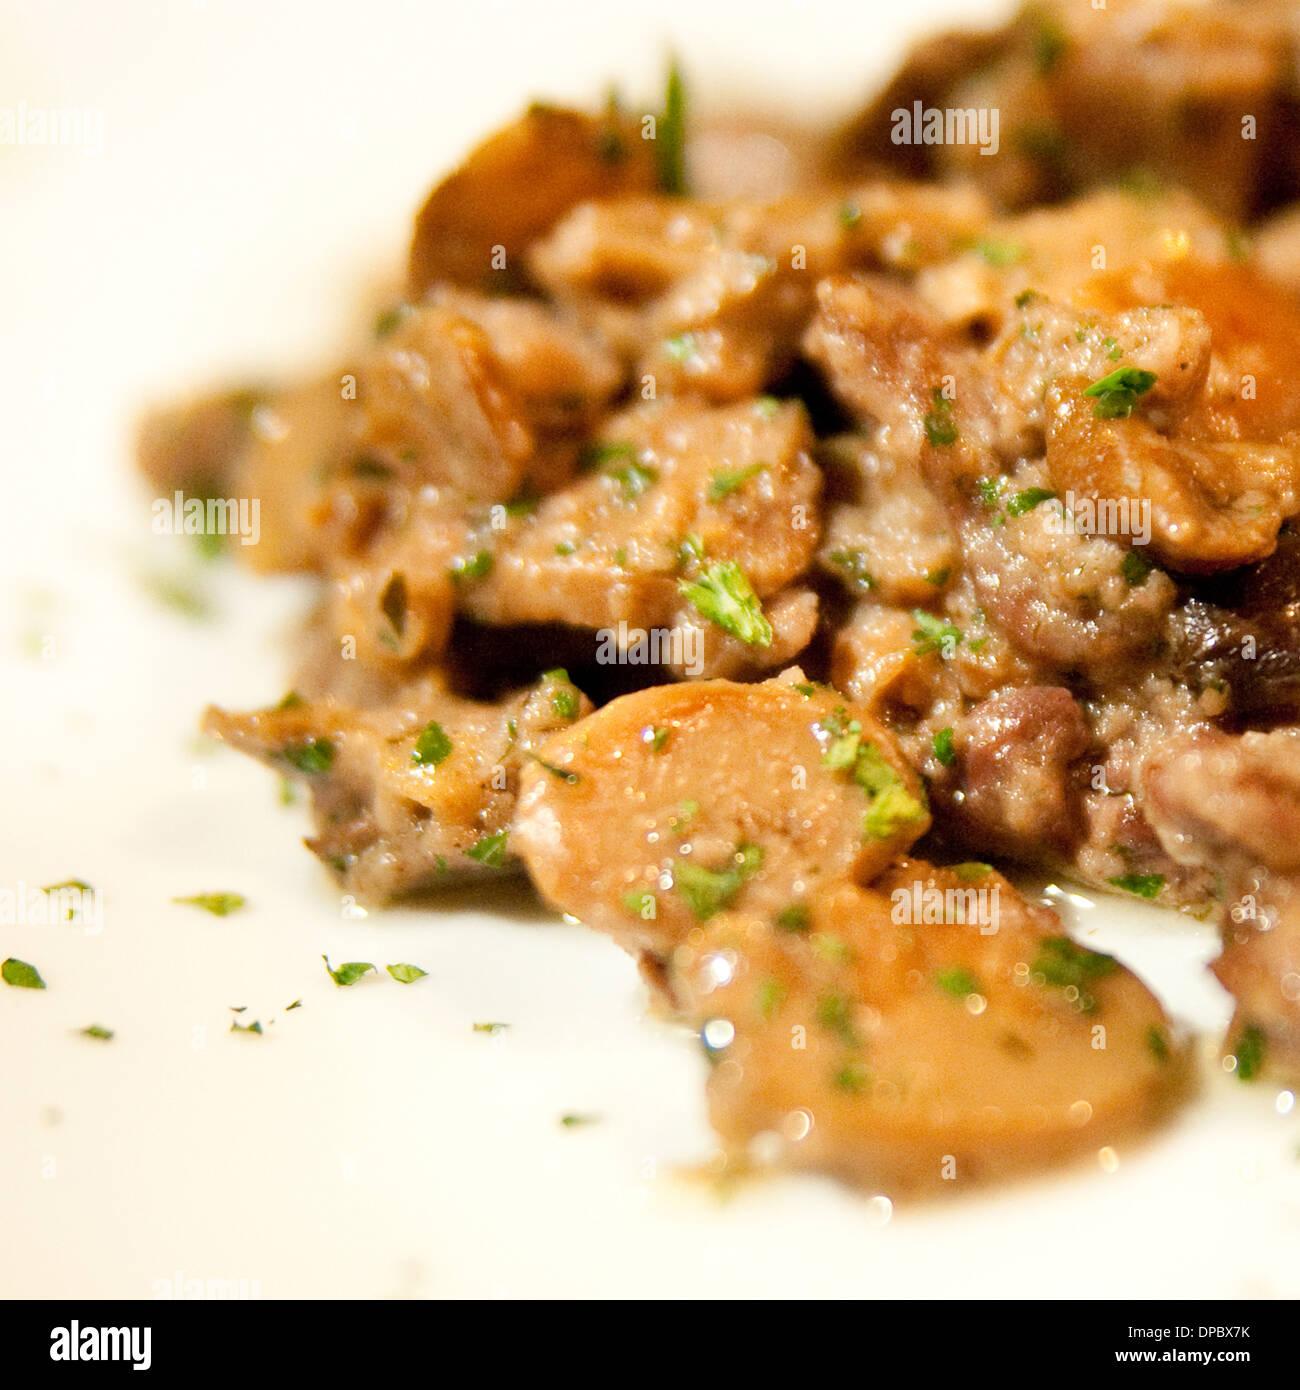 Spezzatino di manzo con funghi e prezzemolo. sulla piastra bianca Immagini Stock